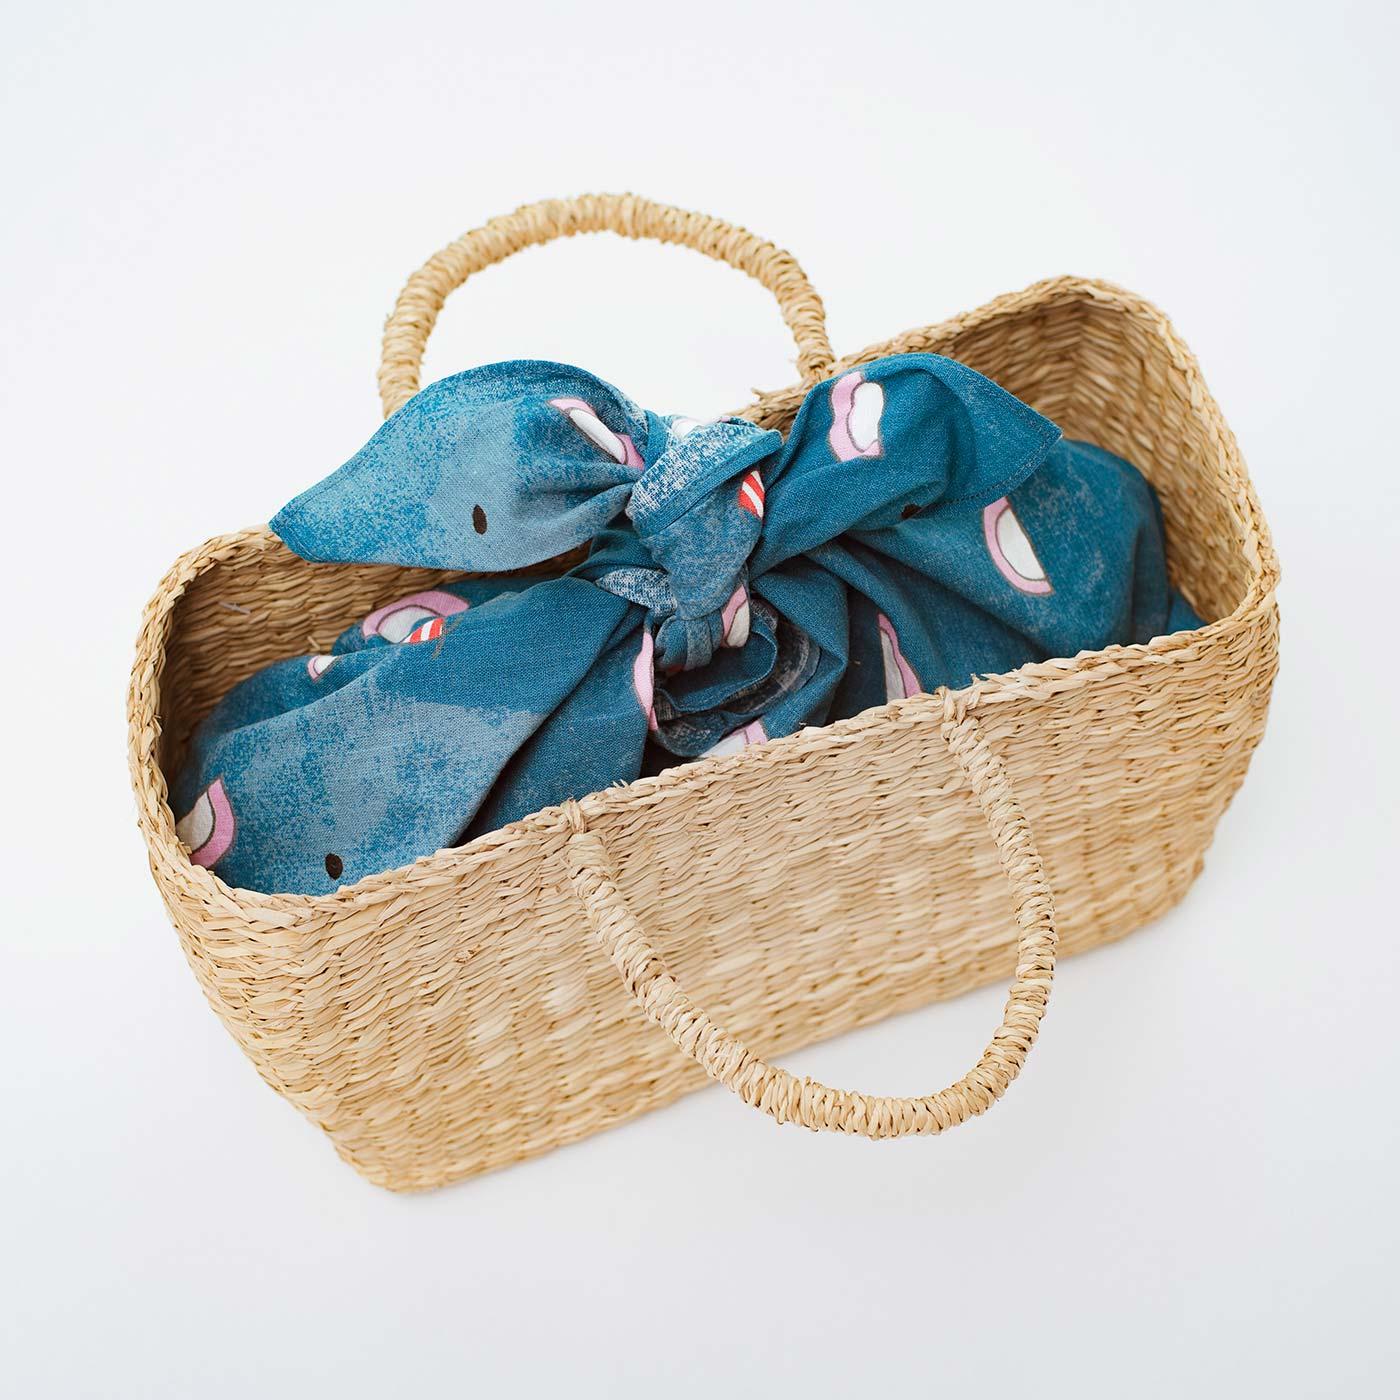 かごバッグの目隠しとしても使えます。 ※かごバッグはお届け内容に含まれません。